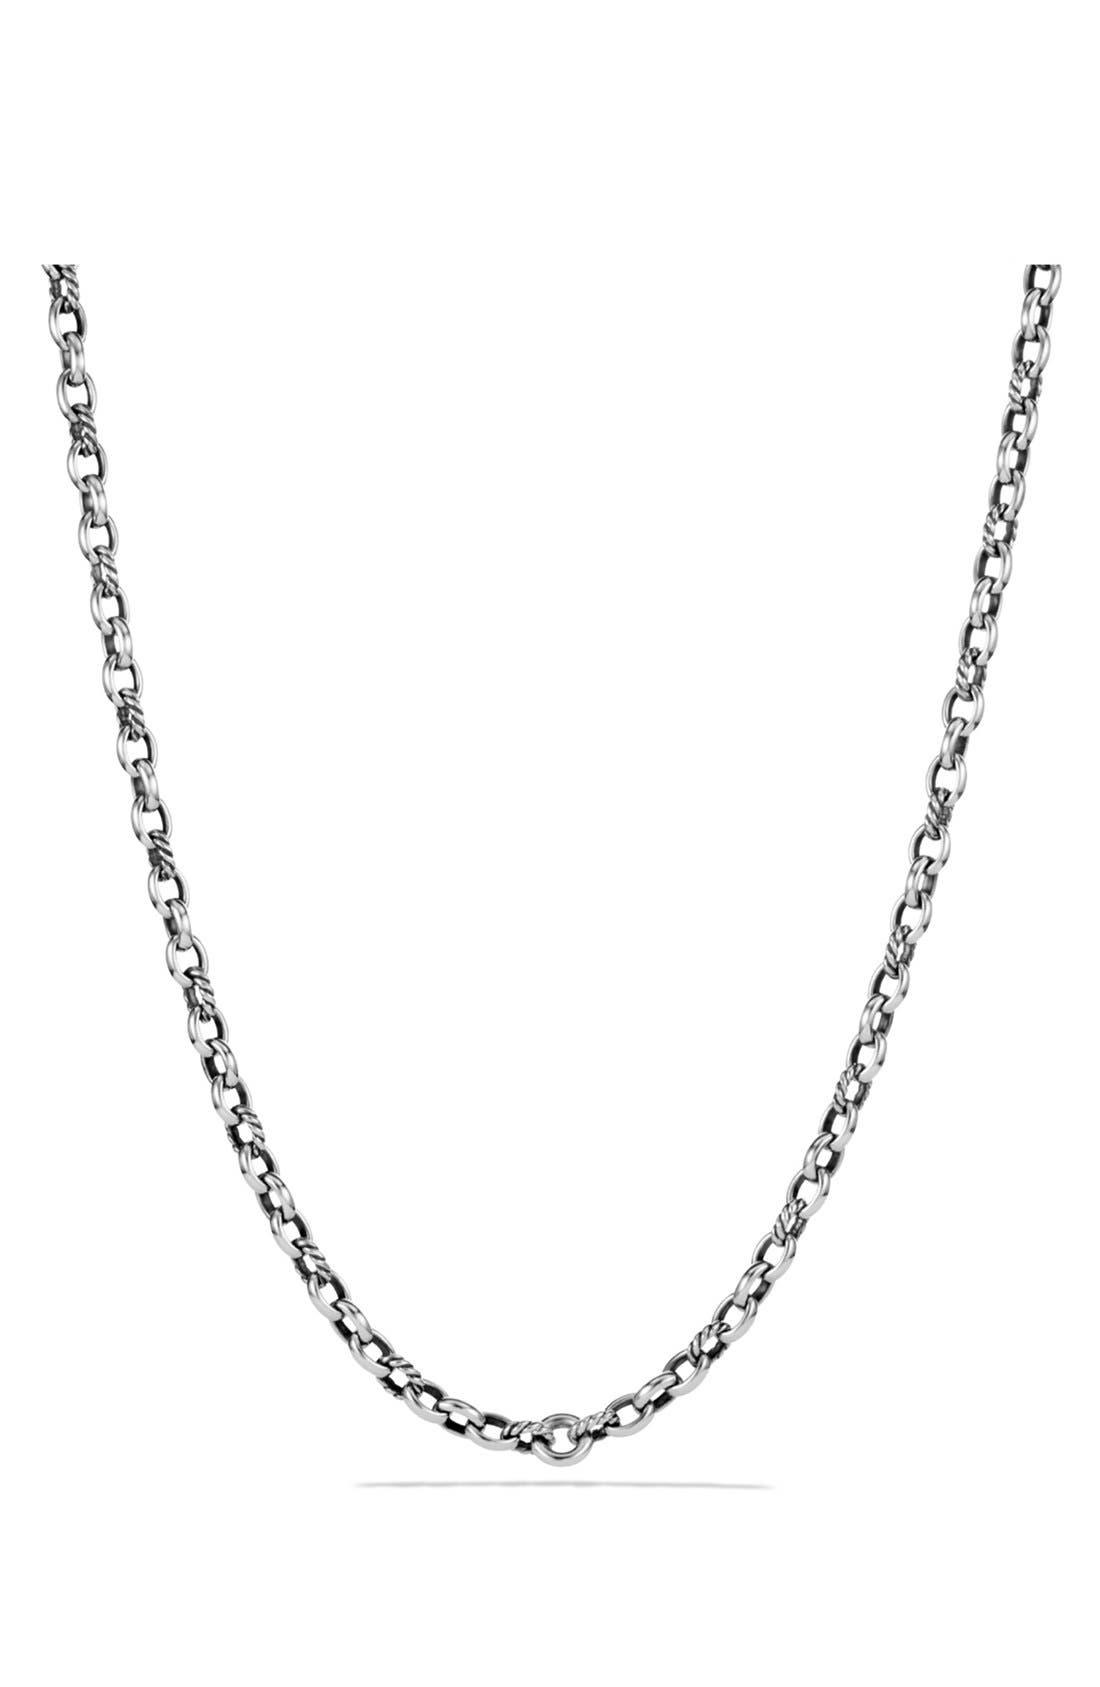 David Yurman 'Chain' Cushion Chain Necklace